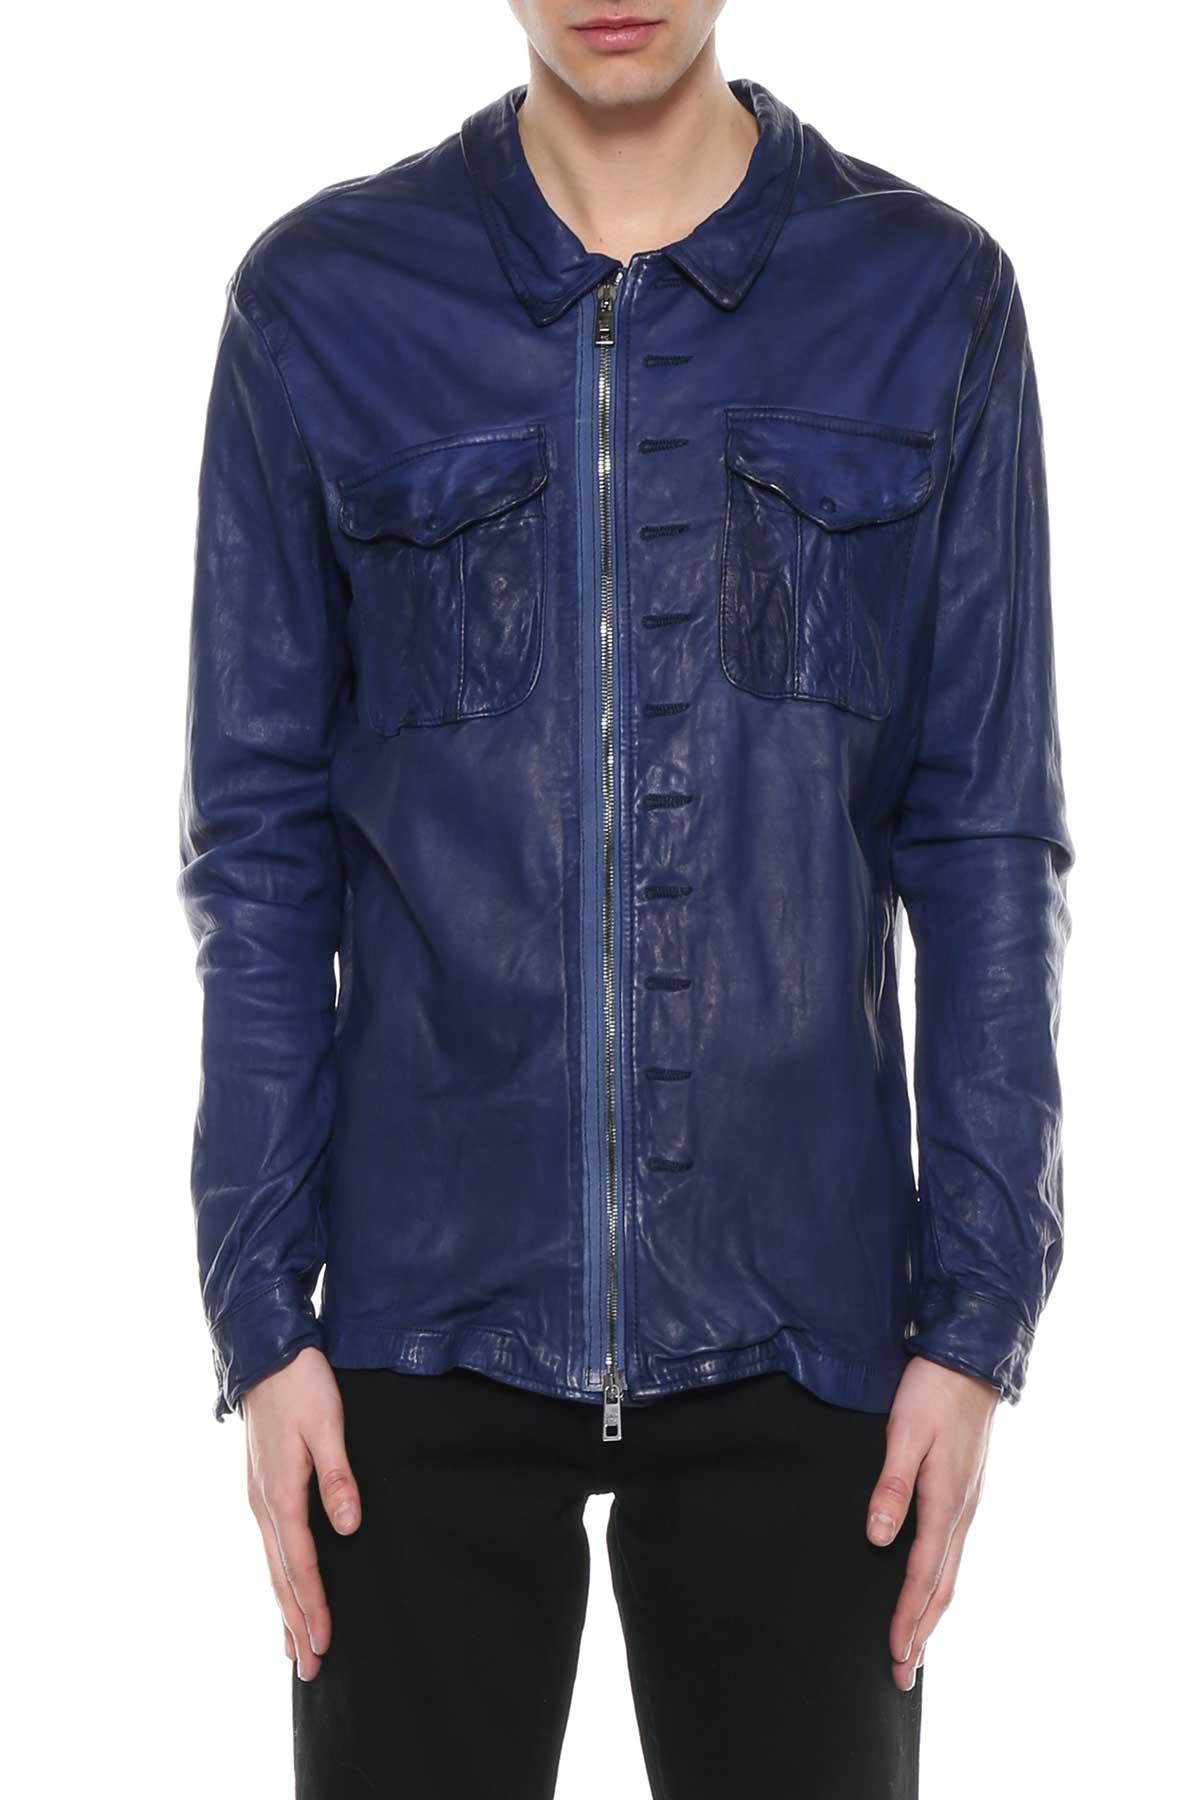 Giorgio Brato Giorgio Brato Leather Jacket